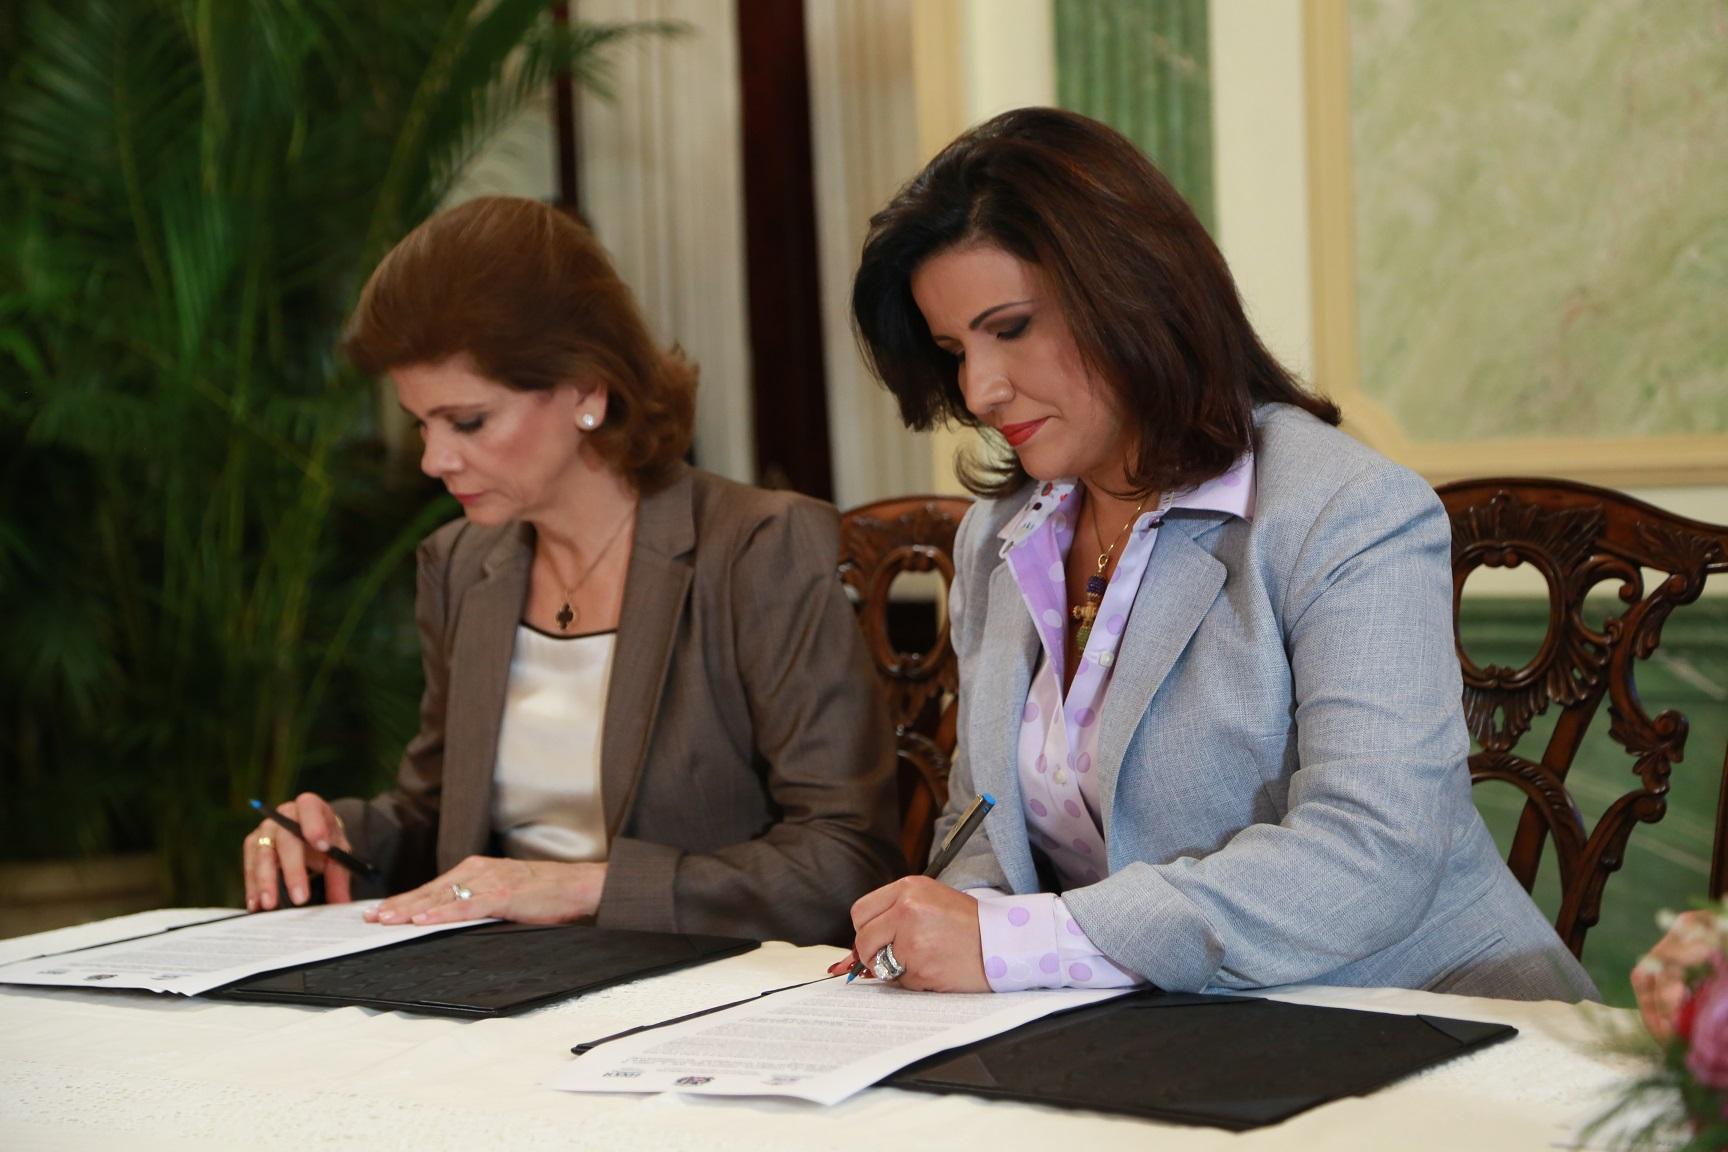 Progresando con Solidaridad y Educa firman convenio para capacitar jóvenes